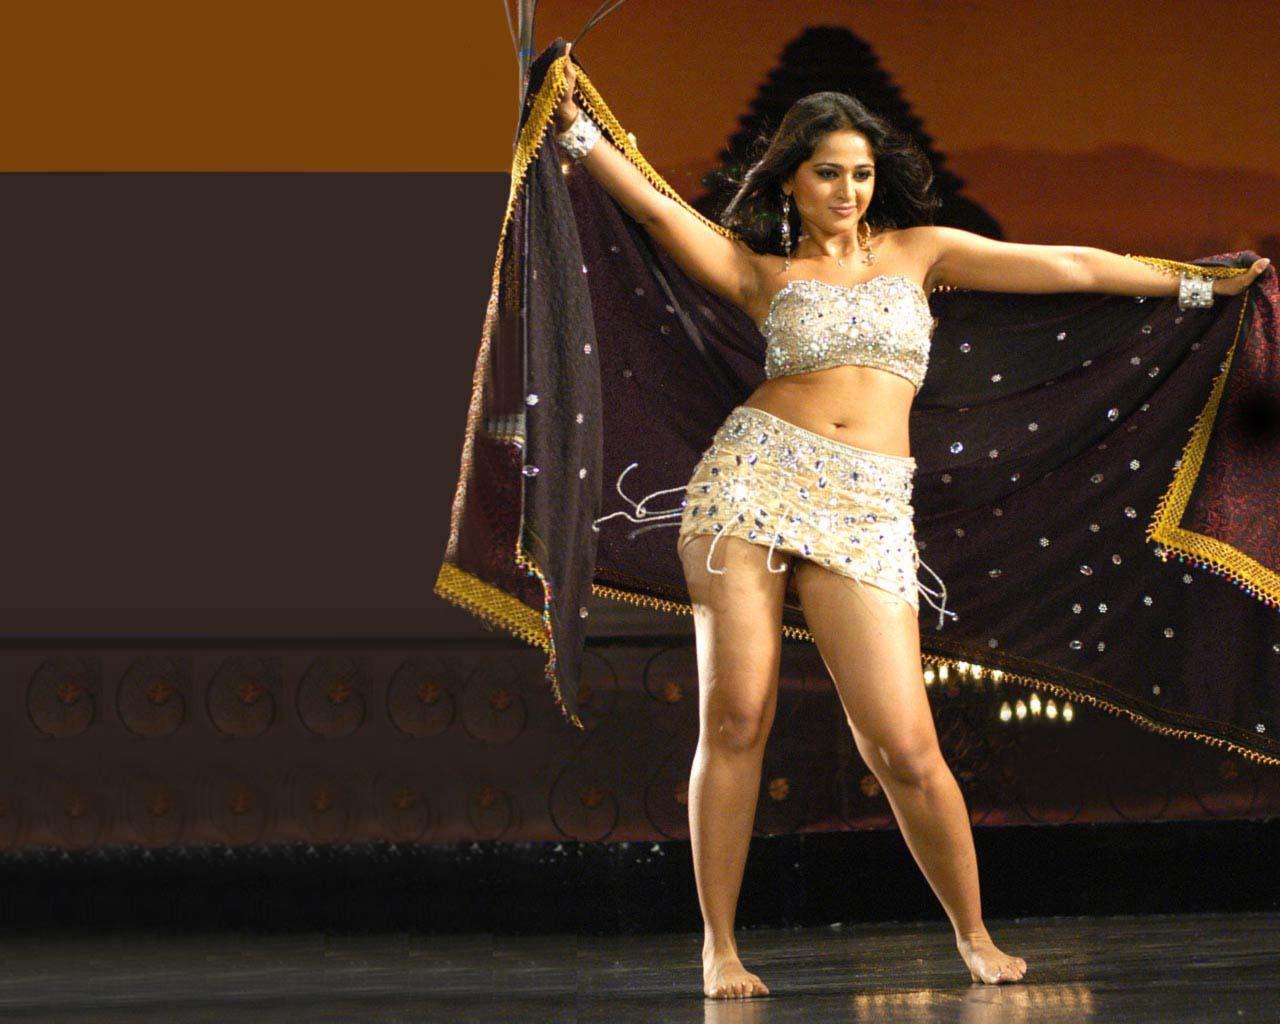 http://3.bp.blogspot.com/-7atJIPIeI04/T7wGxvcp1gI/AAAAAAAAAp4/9J-VloqXipk/s1600/anushka-shetty-hot-photos.jpg